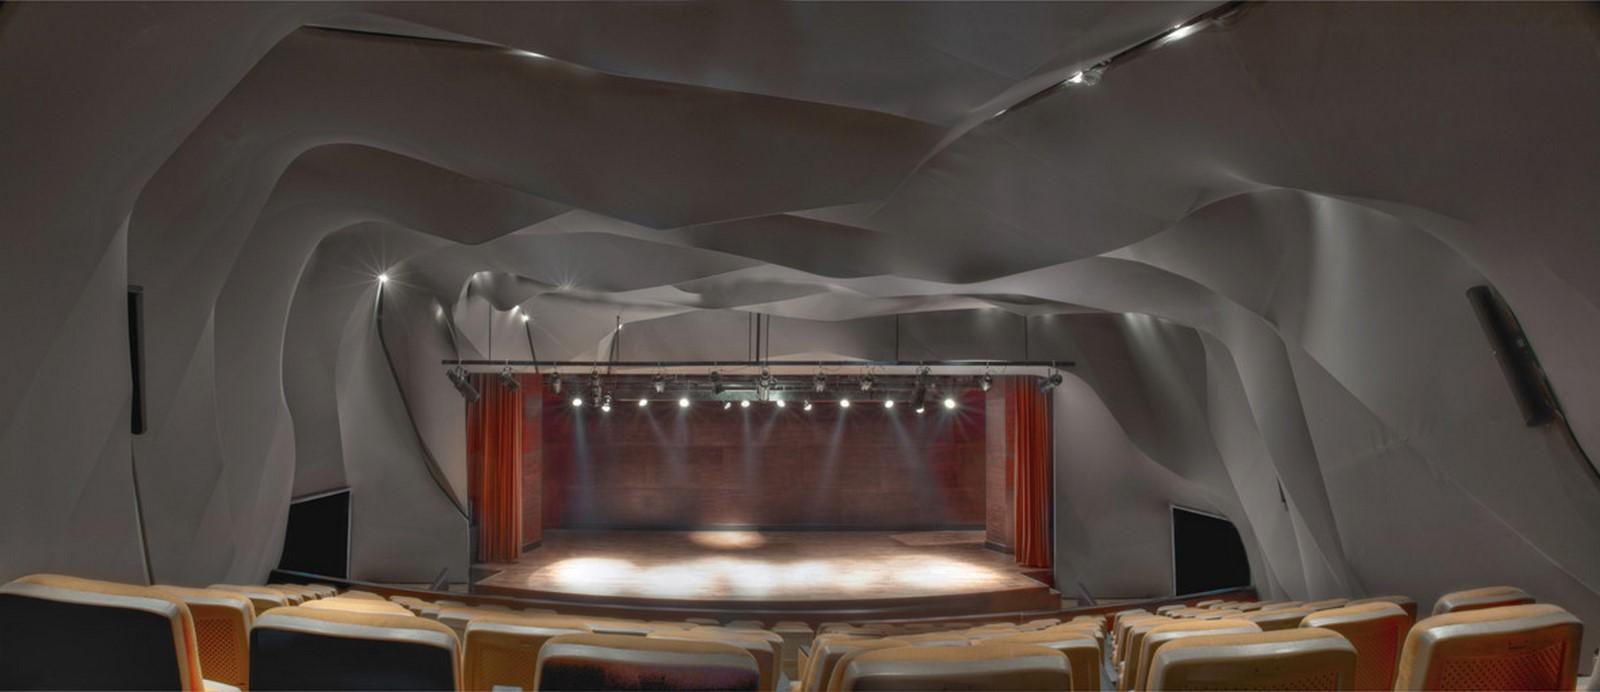 Masrah Al Qasba Theater - Sheet2